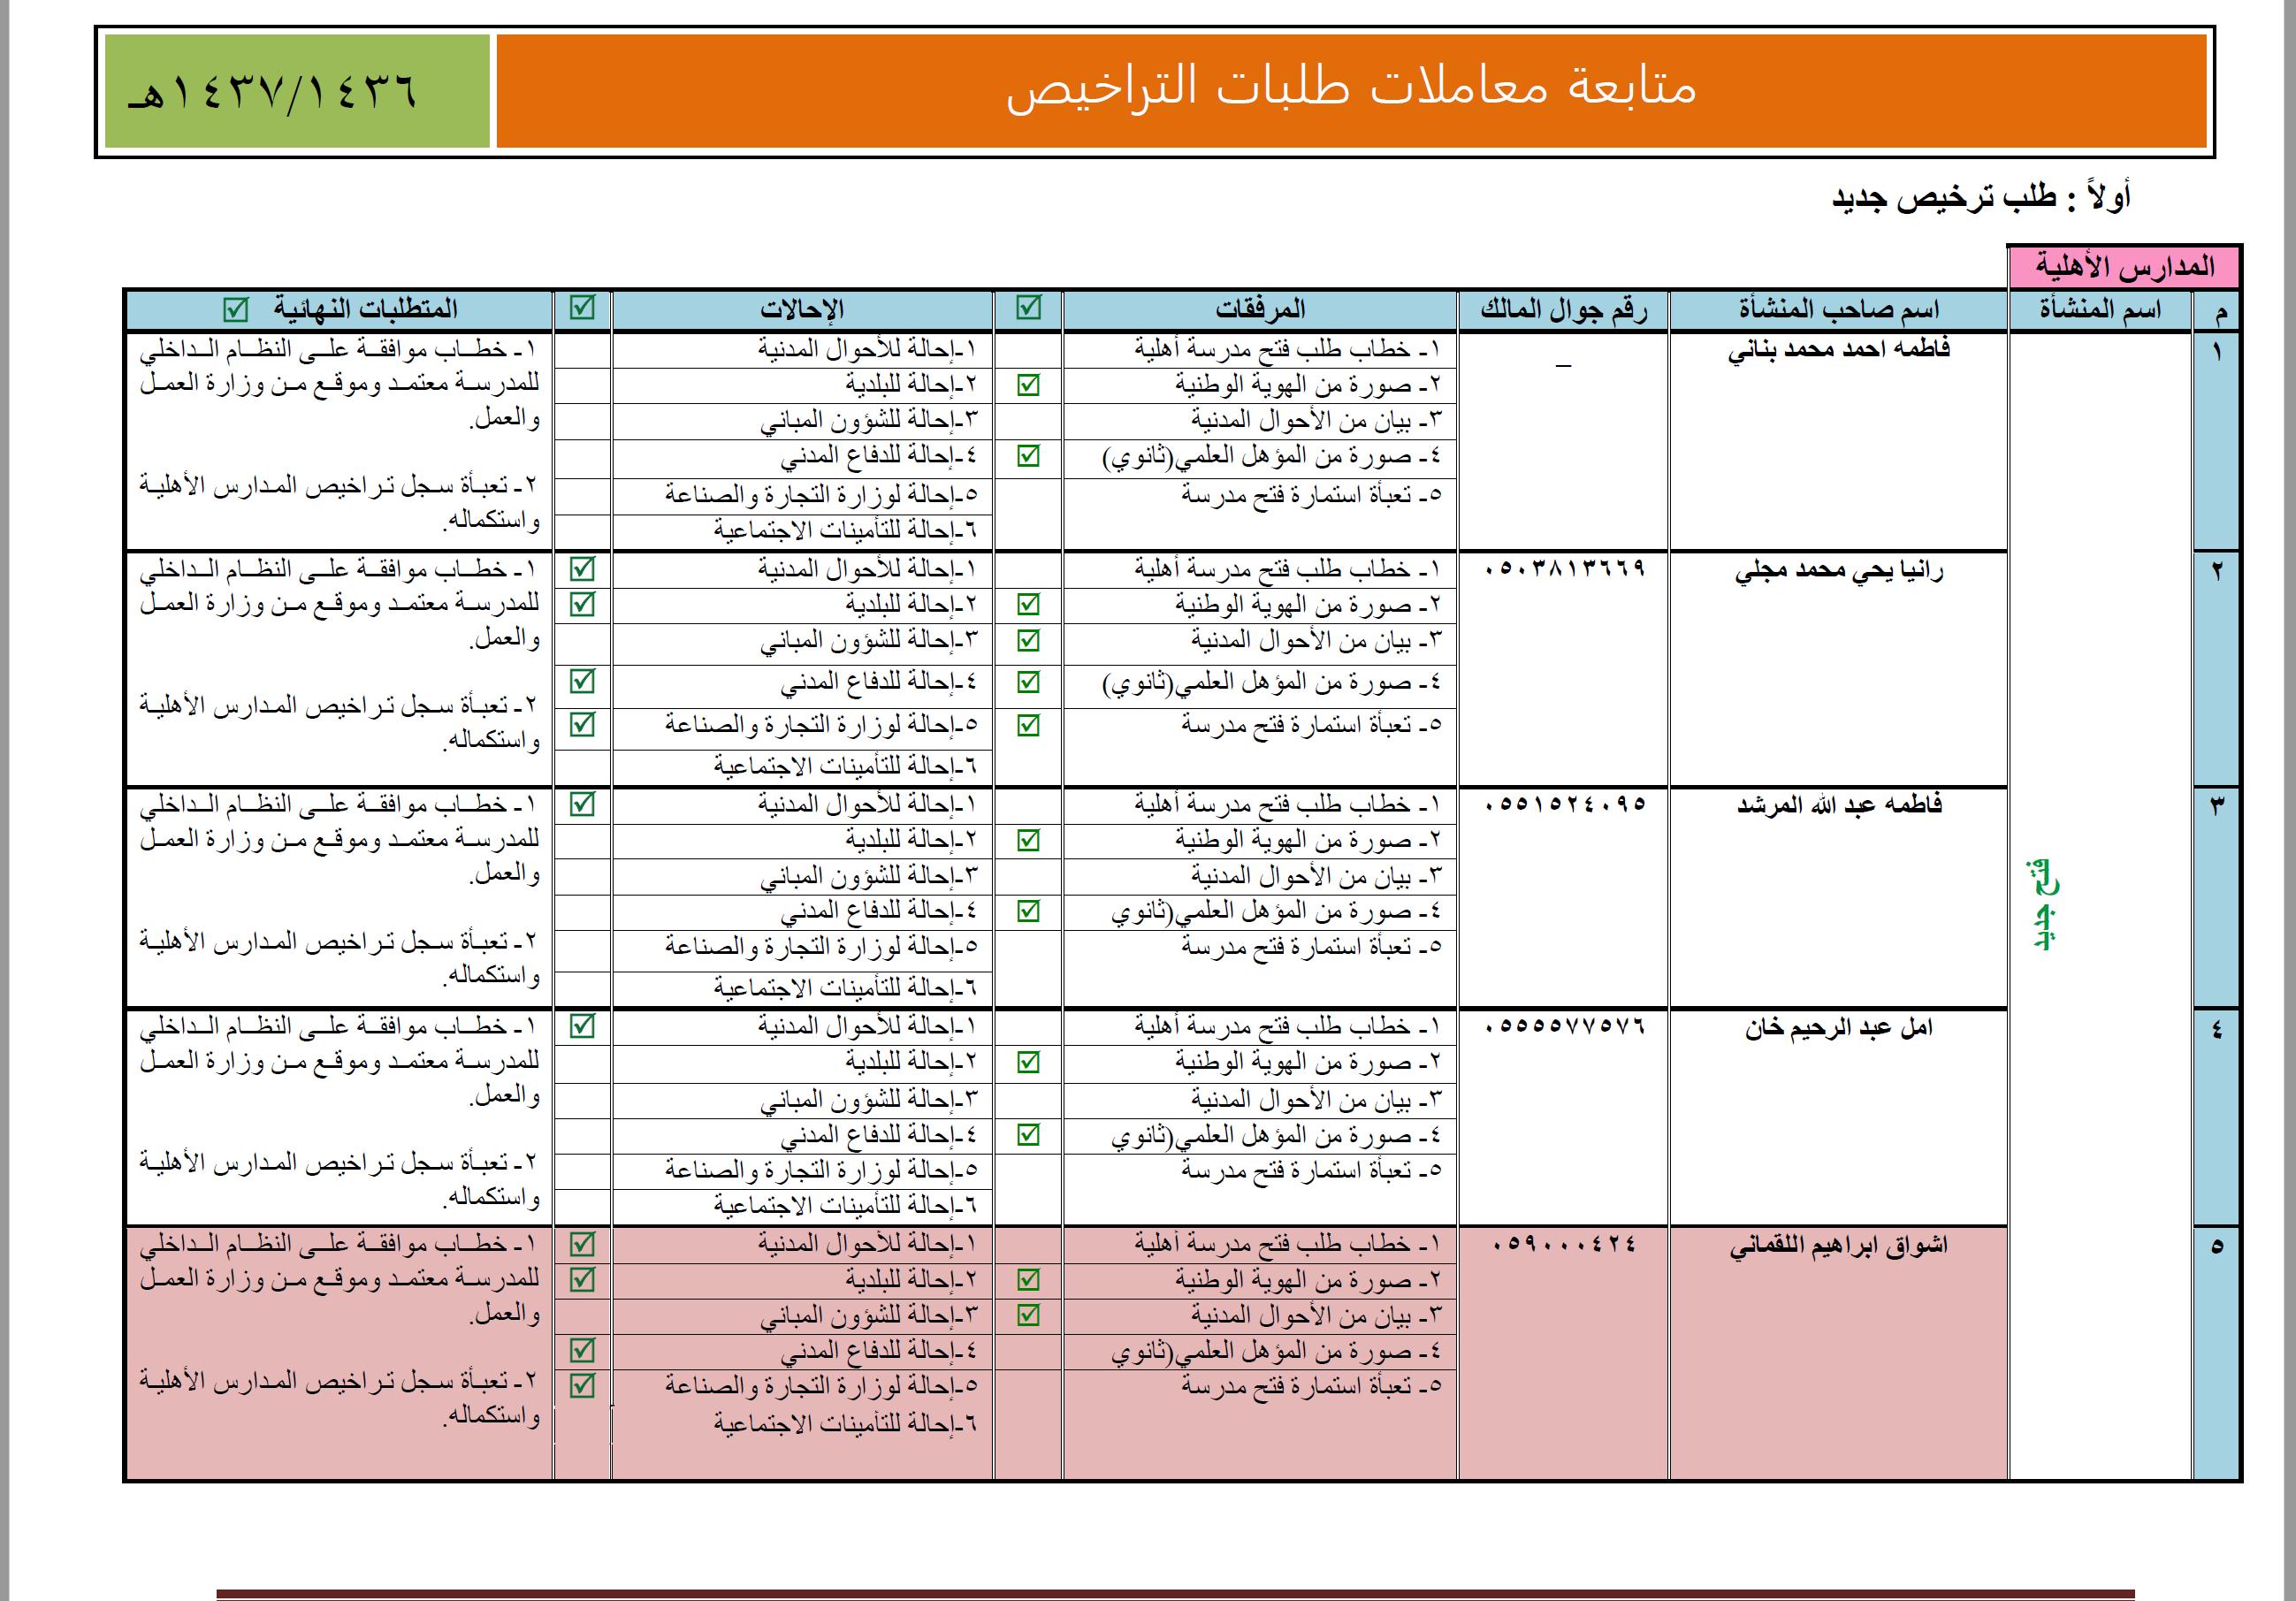 متابعة معاملات طلبات التراخيص بجميع أنواعها لمتابعة مدى التقدم في المعاملة عبارة عن ملف وورد Http Jmp Sh Wg3c8en Bullet Journal Map Owb